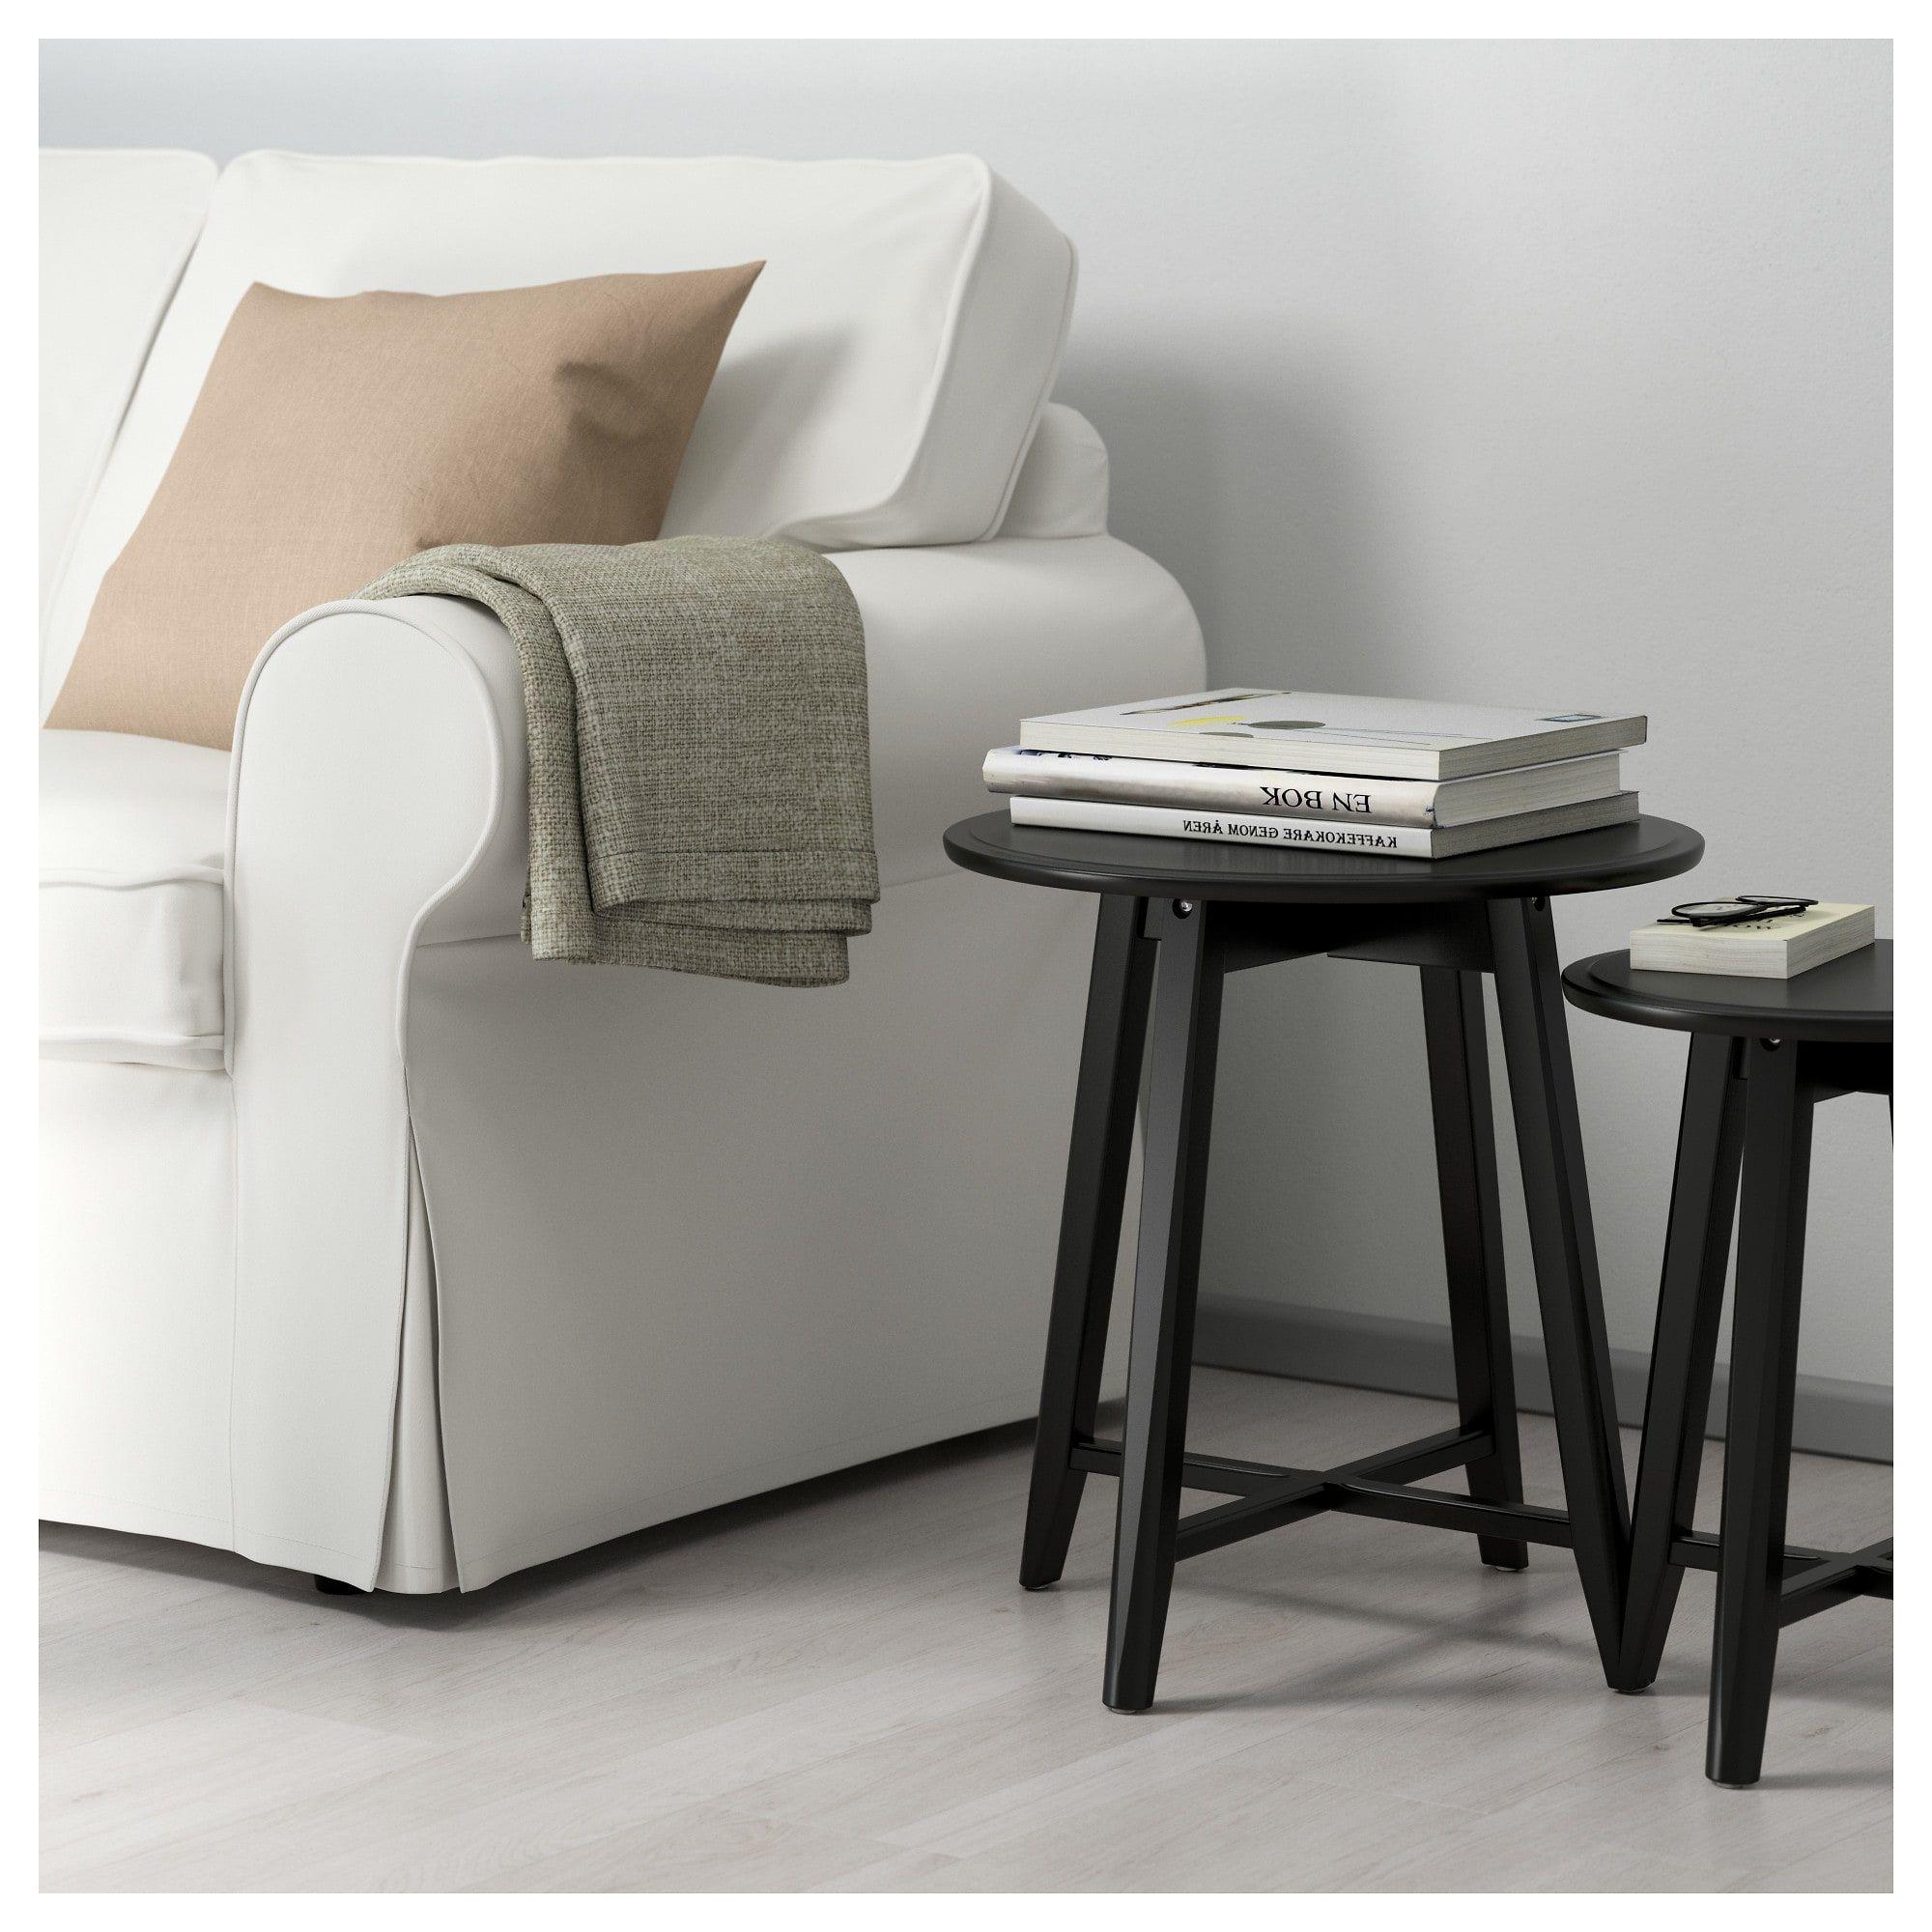 KRAGSTA Nesting tables, set of 2, black - IKEA | Nesting ...